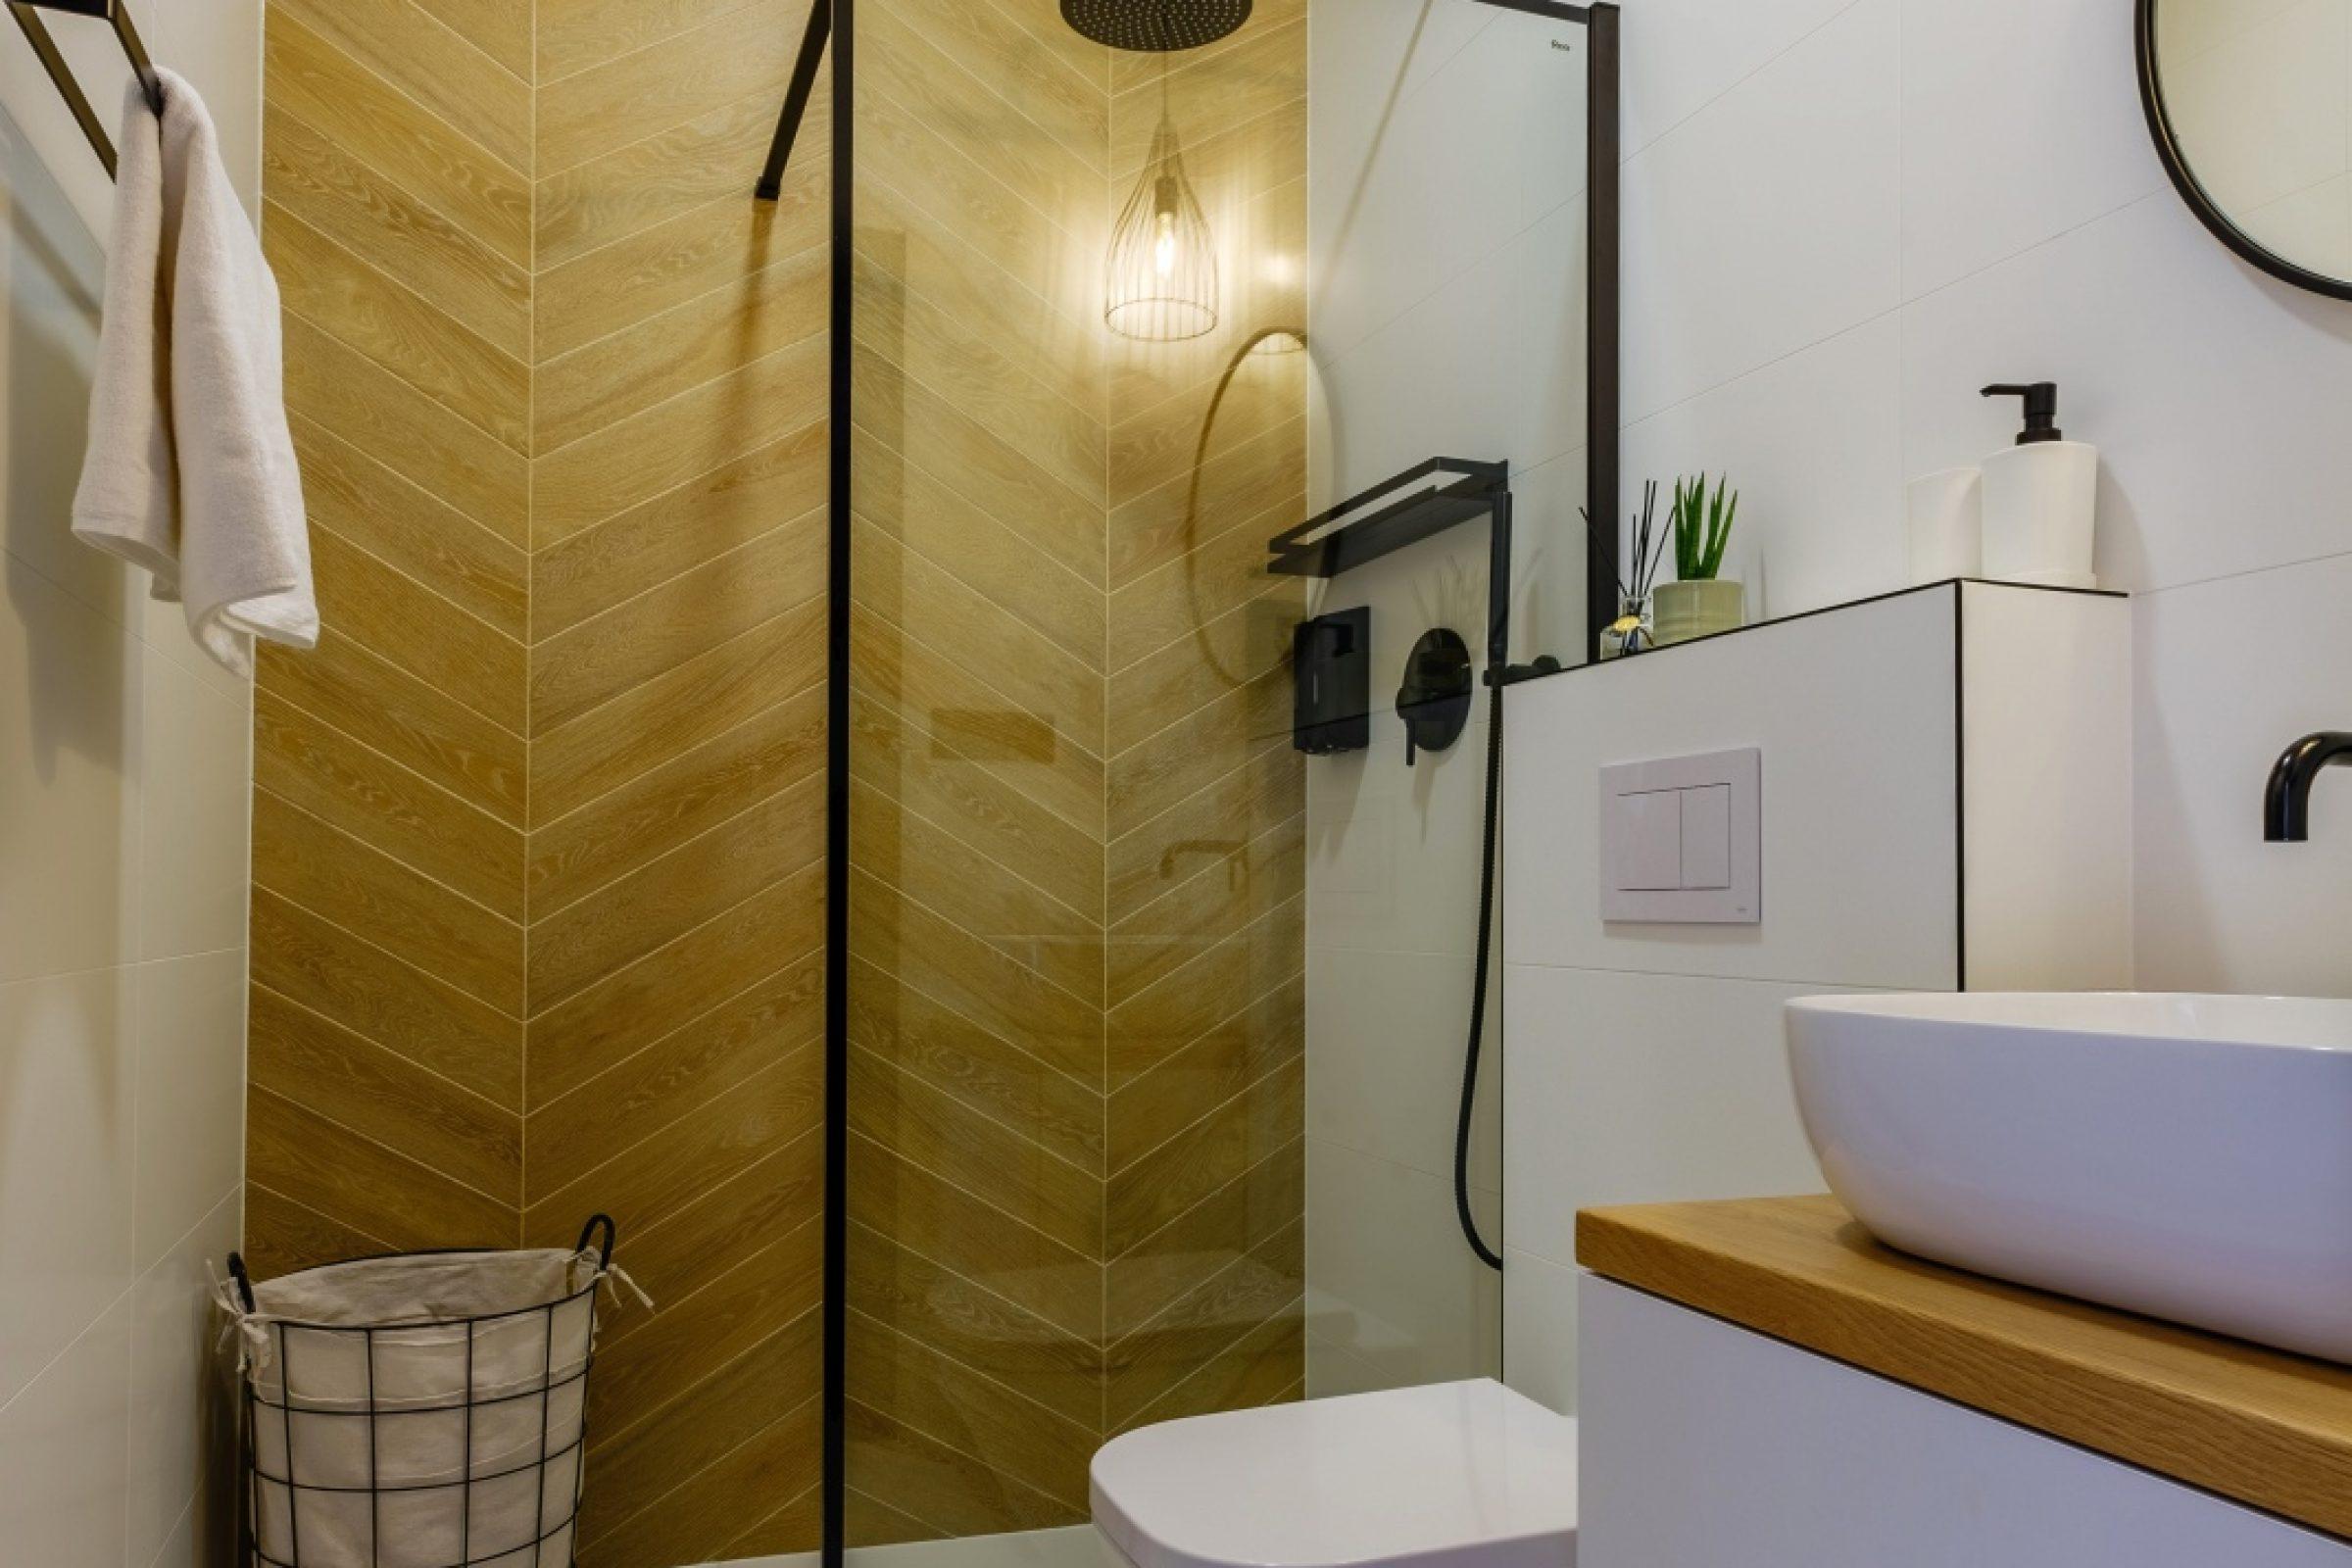 Apartamenty NOVA BIAŁKA Białka Tatrzańska apartament 6 łazienka z prysznicem